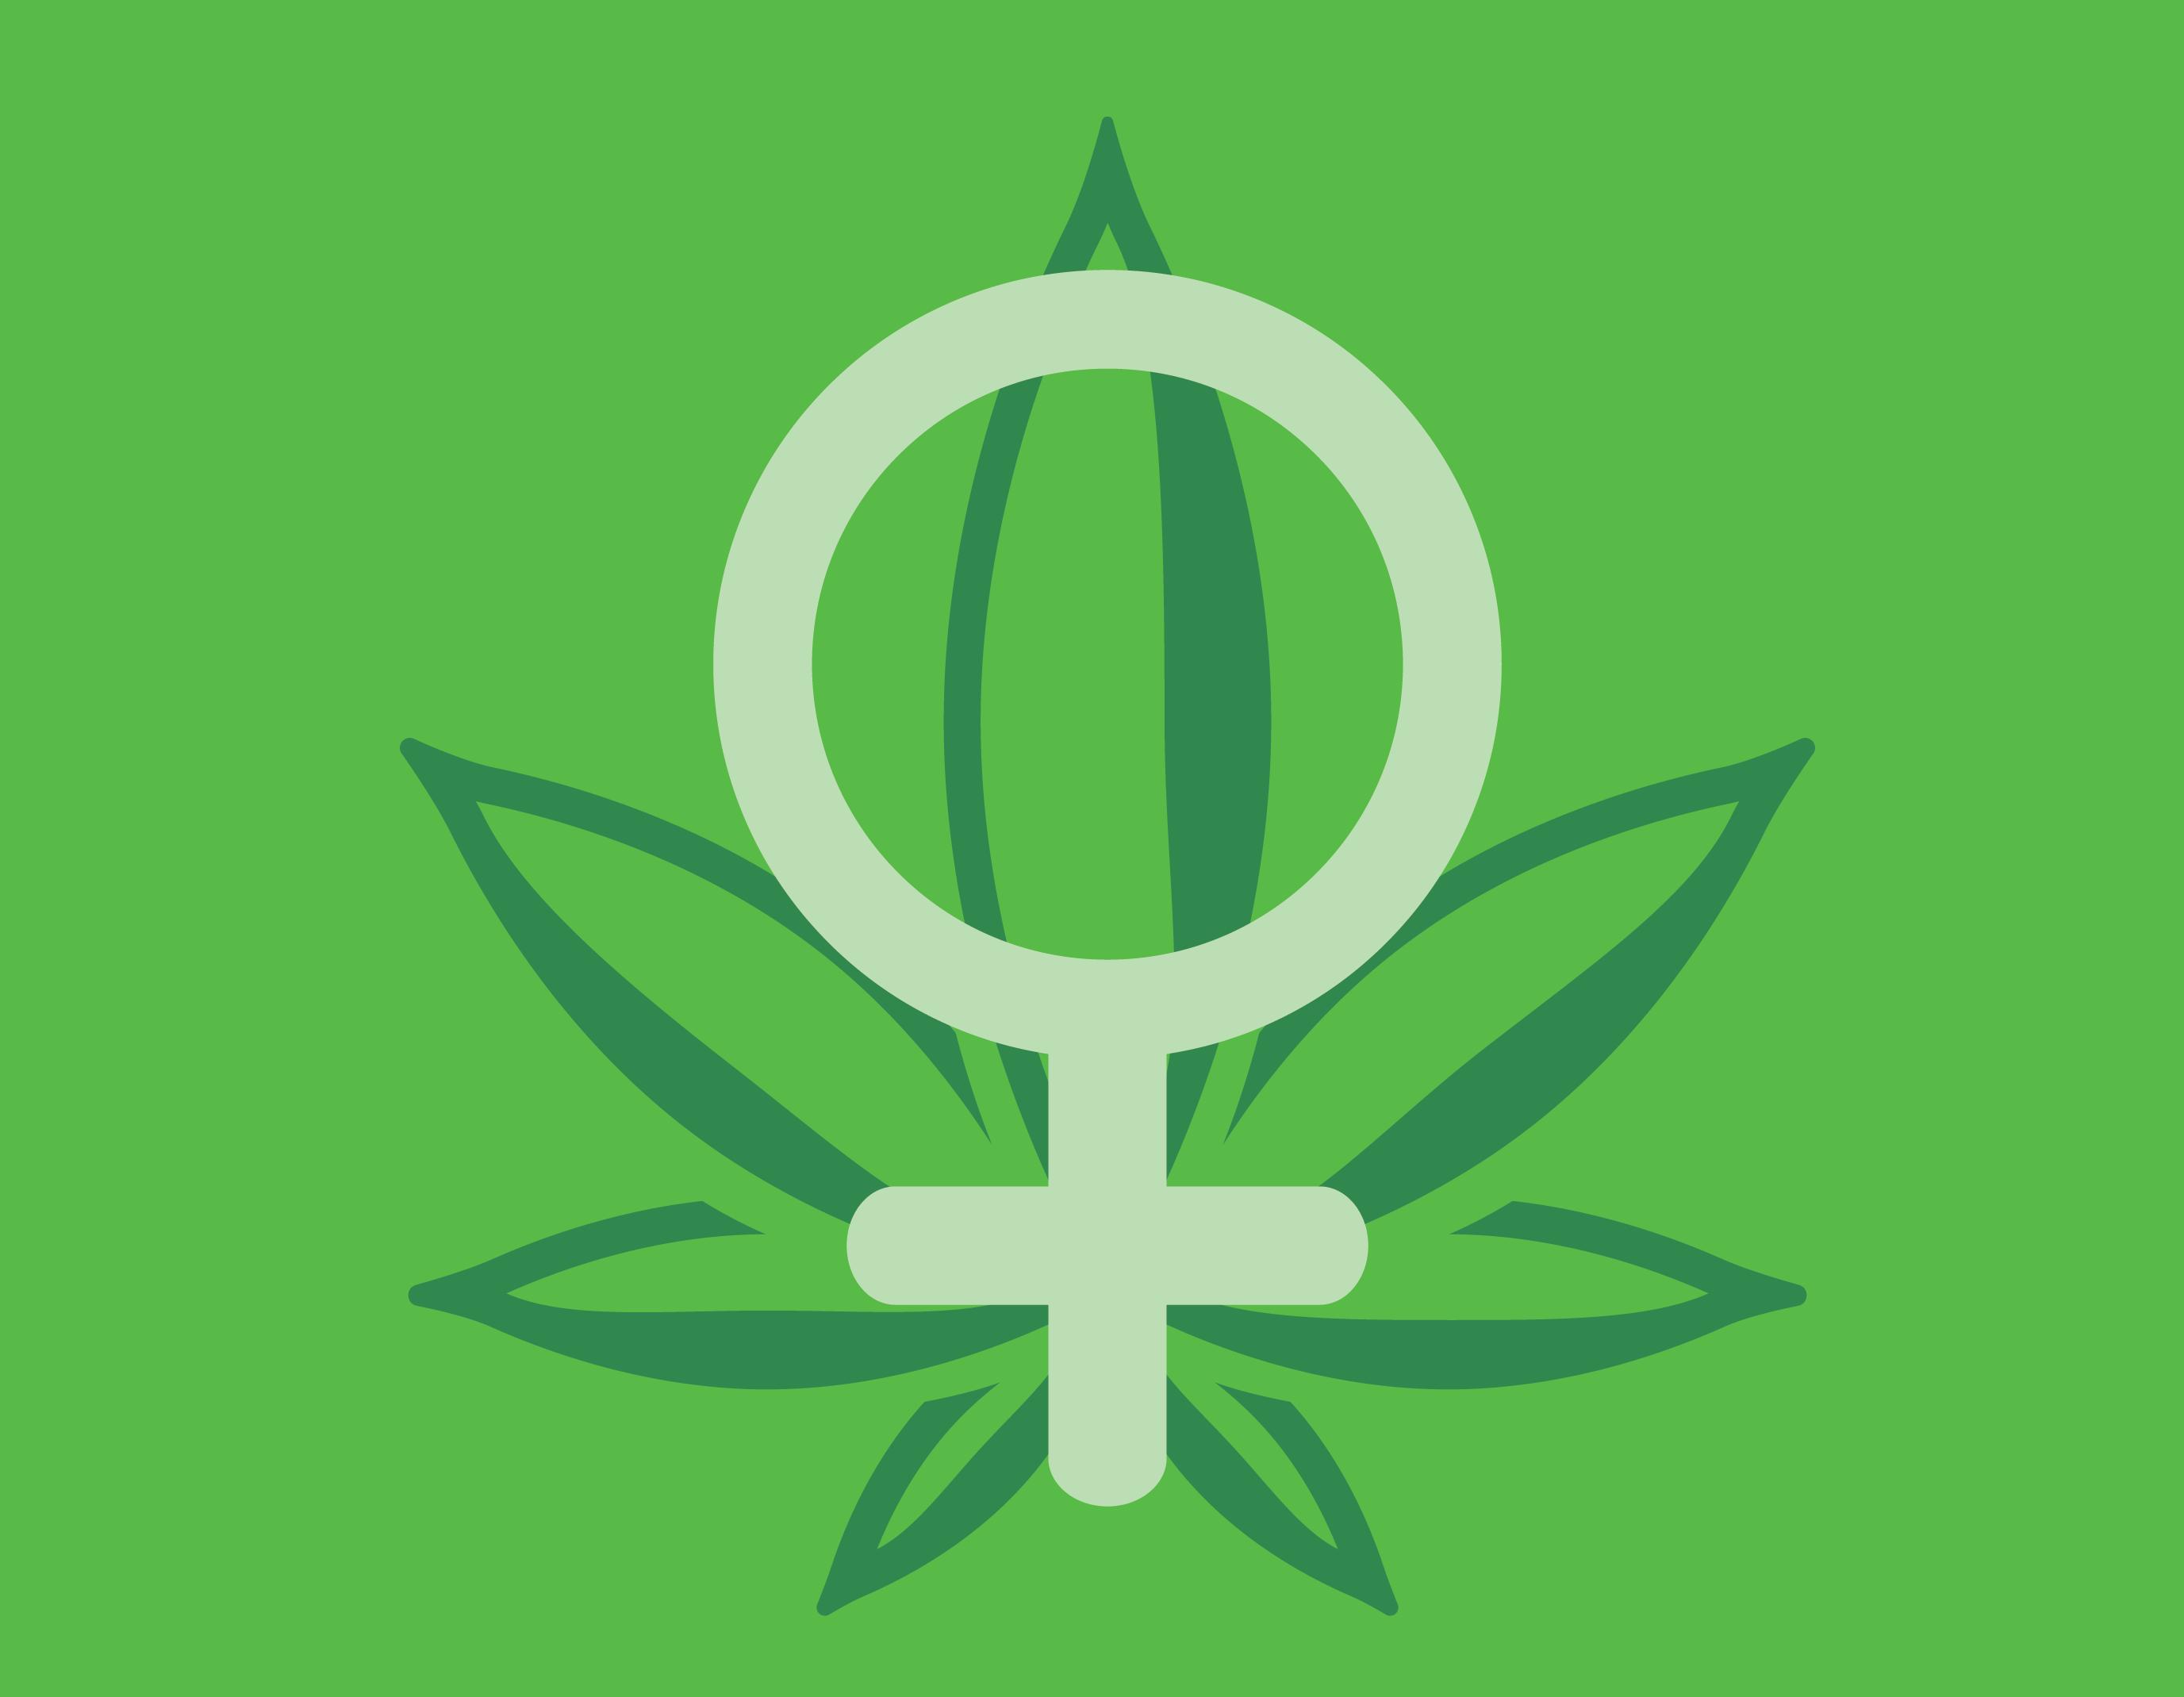 vrouw cannabis marihuana smaak van de consument voorkeuren van Royal Queen Seeds favoriet